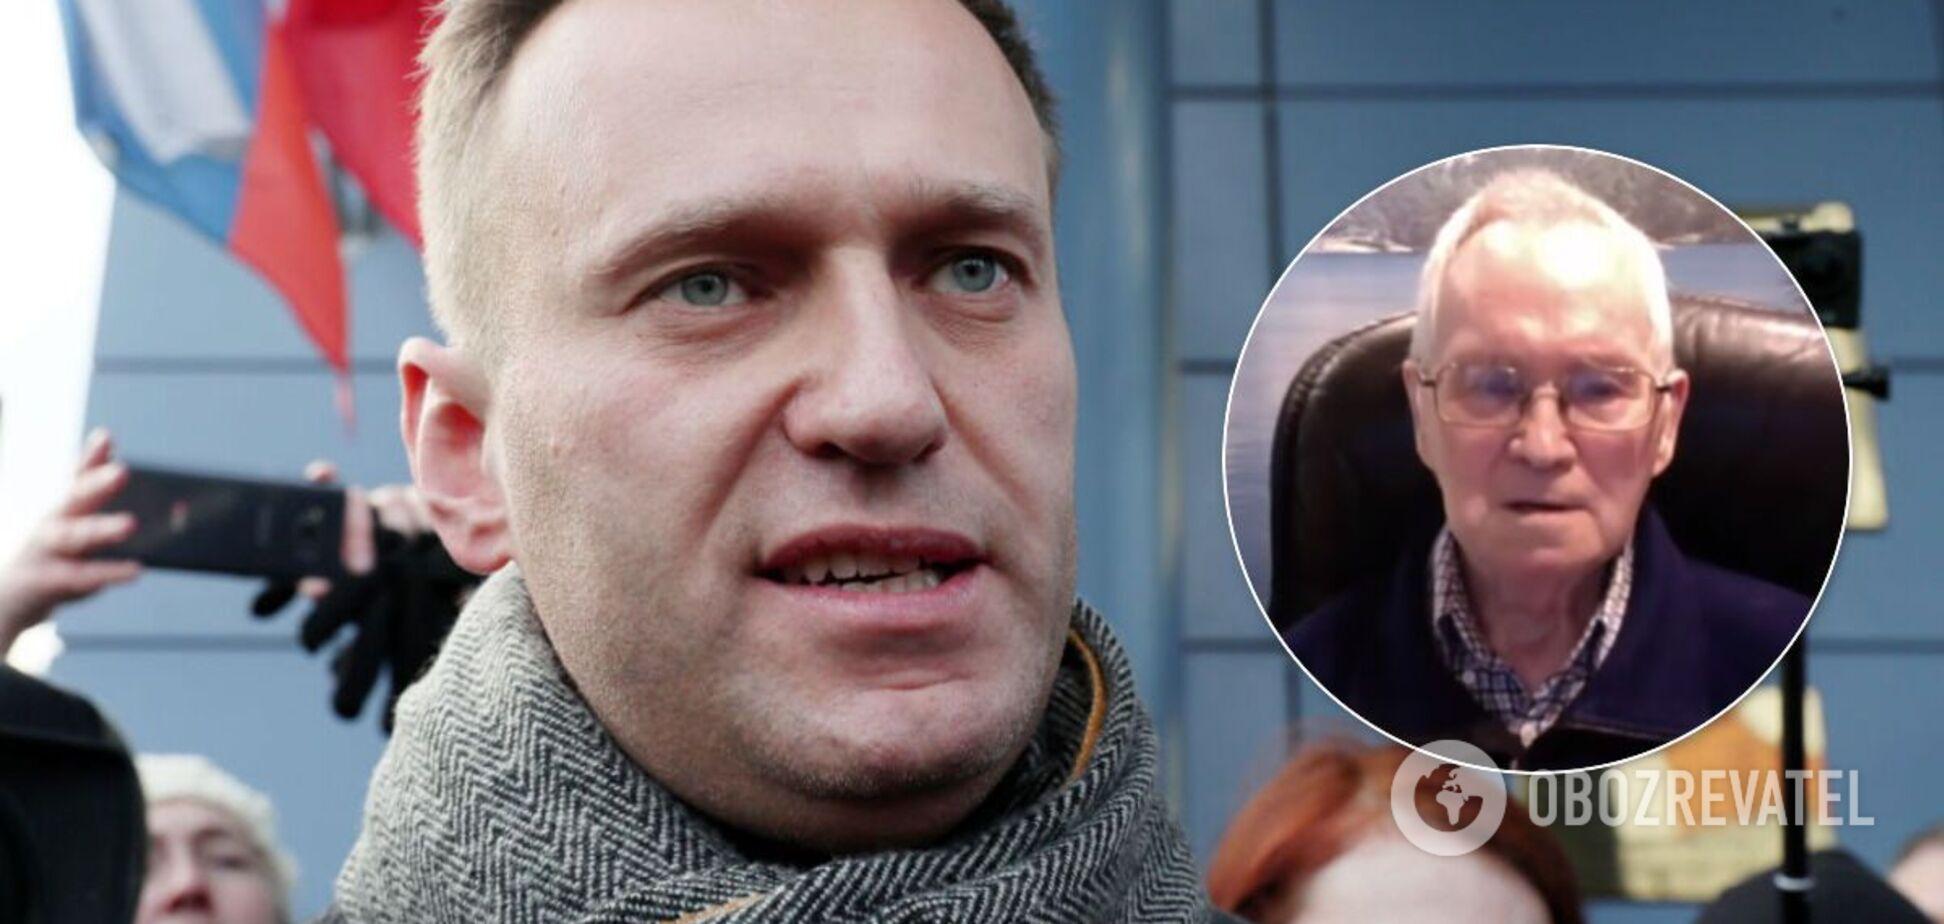 Создатель 'Новичка' извинился перед Навальным из-за отравления